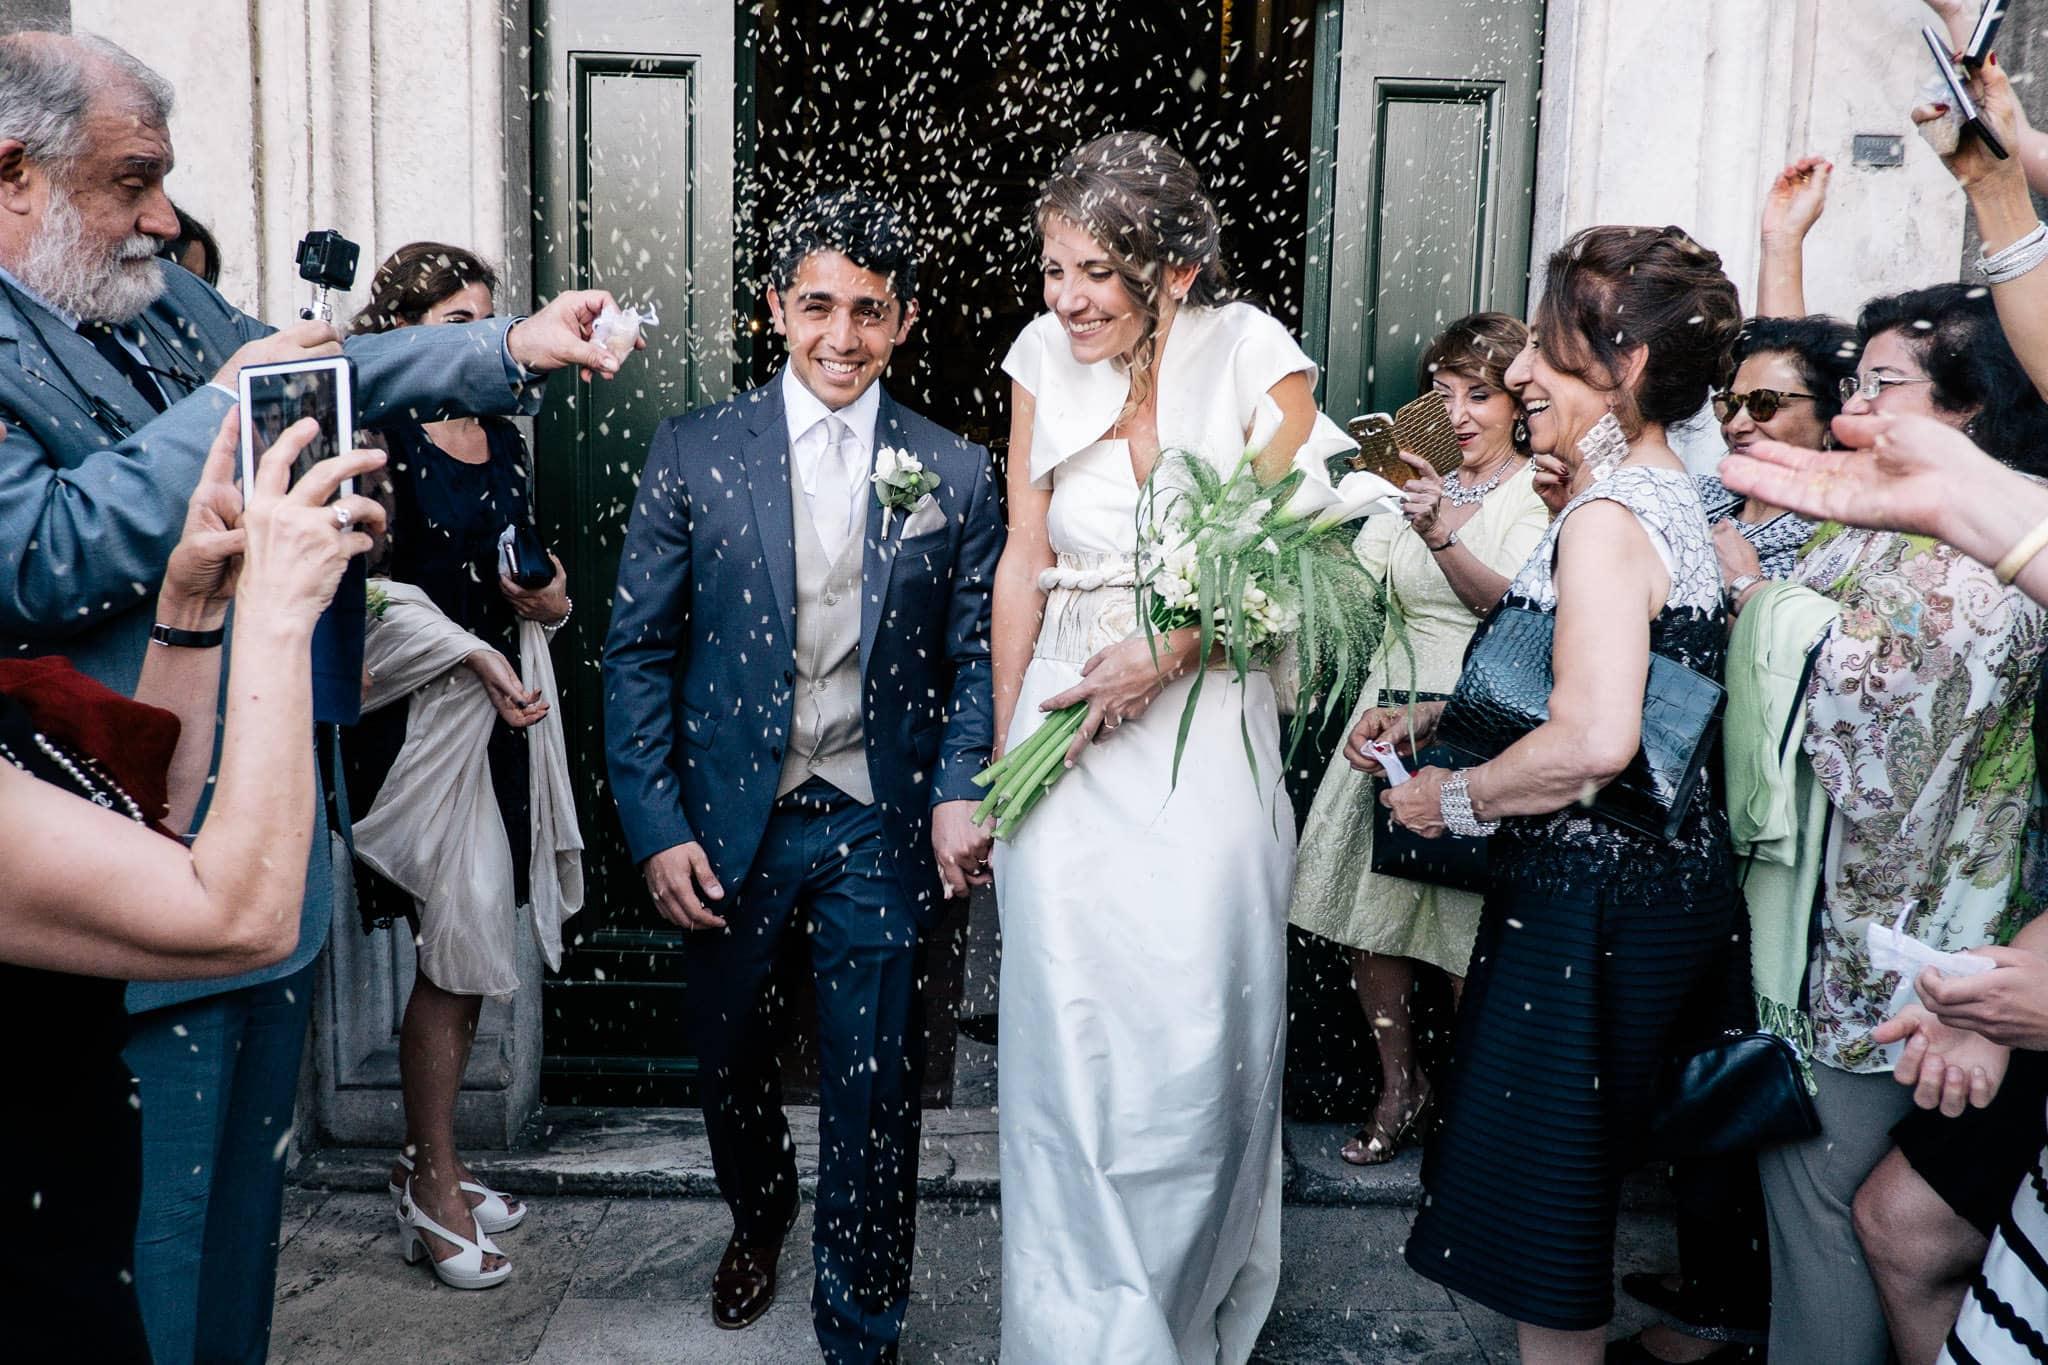 fotografo matrimonio lecco monza como Luca Rossi